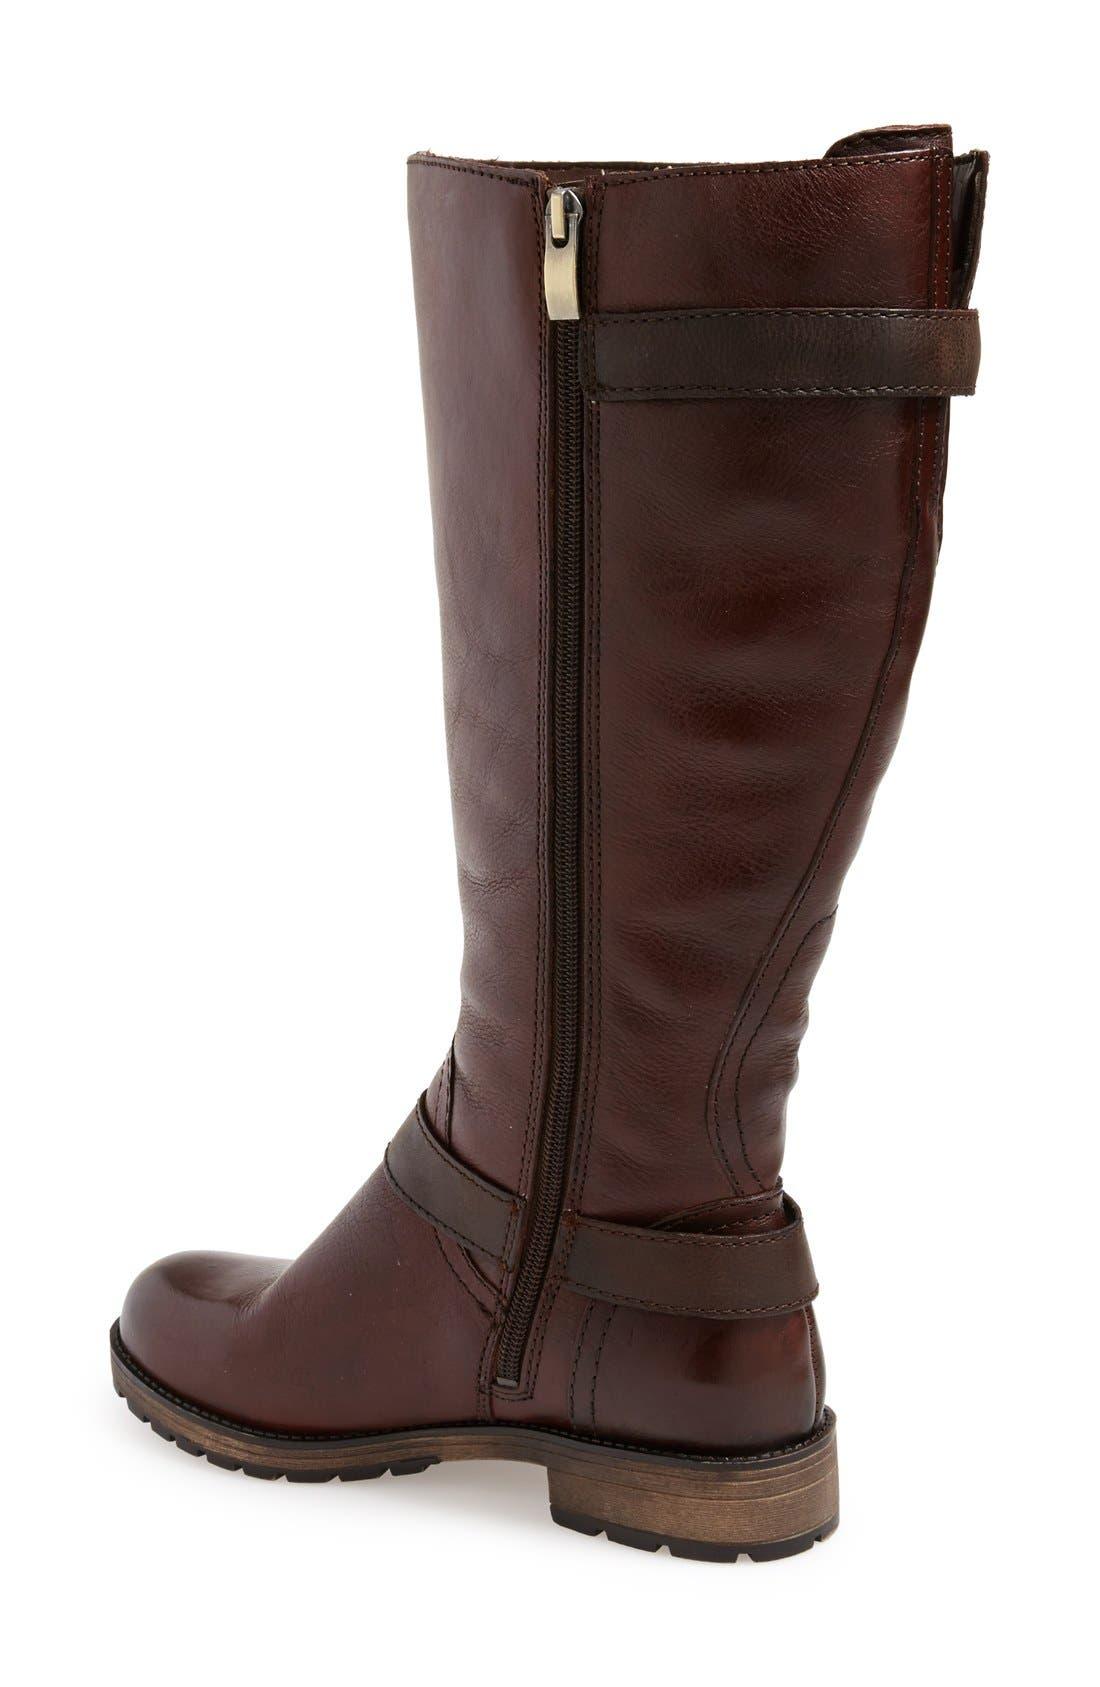 Alternate Image 3  - Naturalizer 'Tanita' Boot (Women) (Wide Calf)